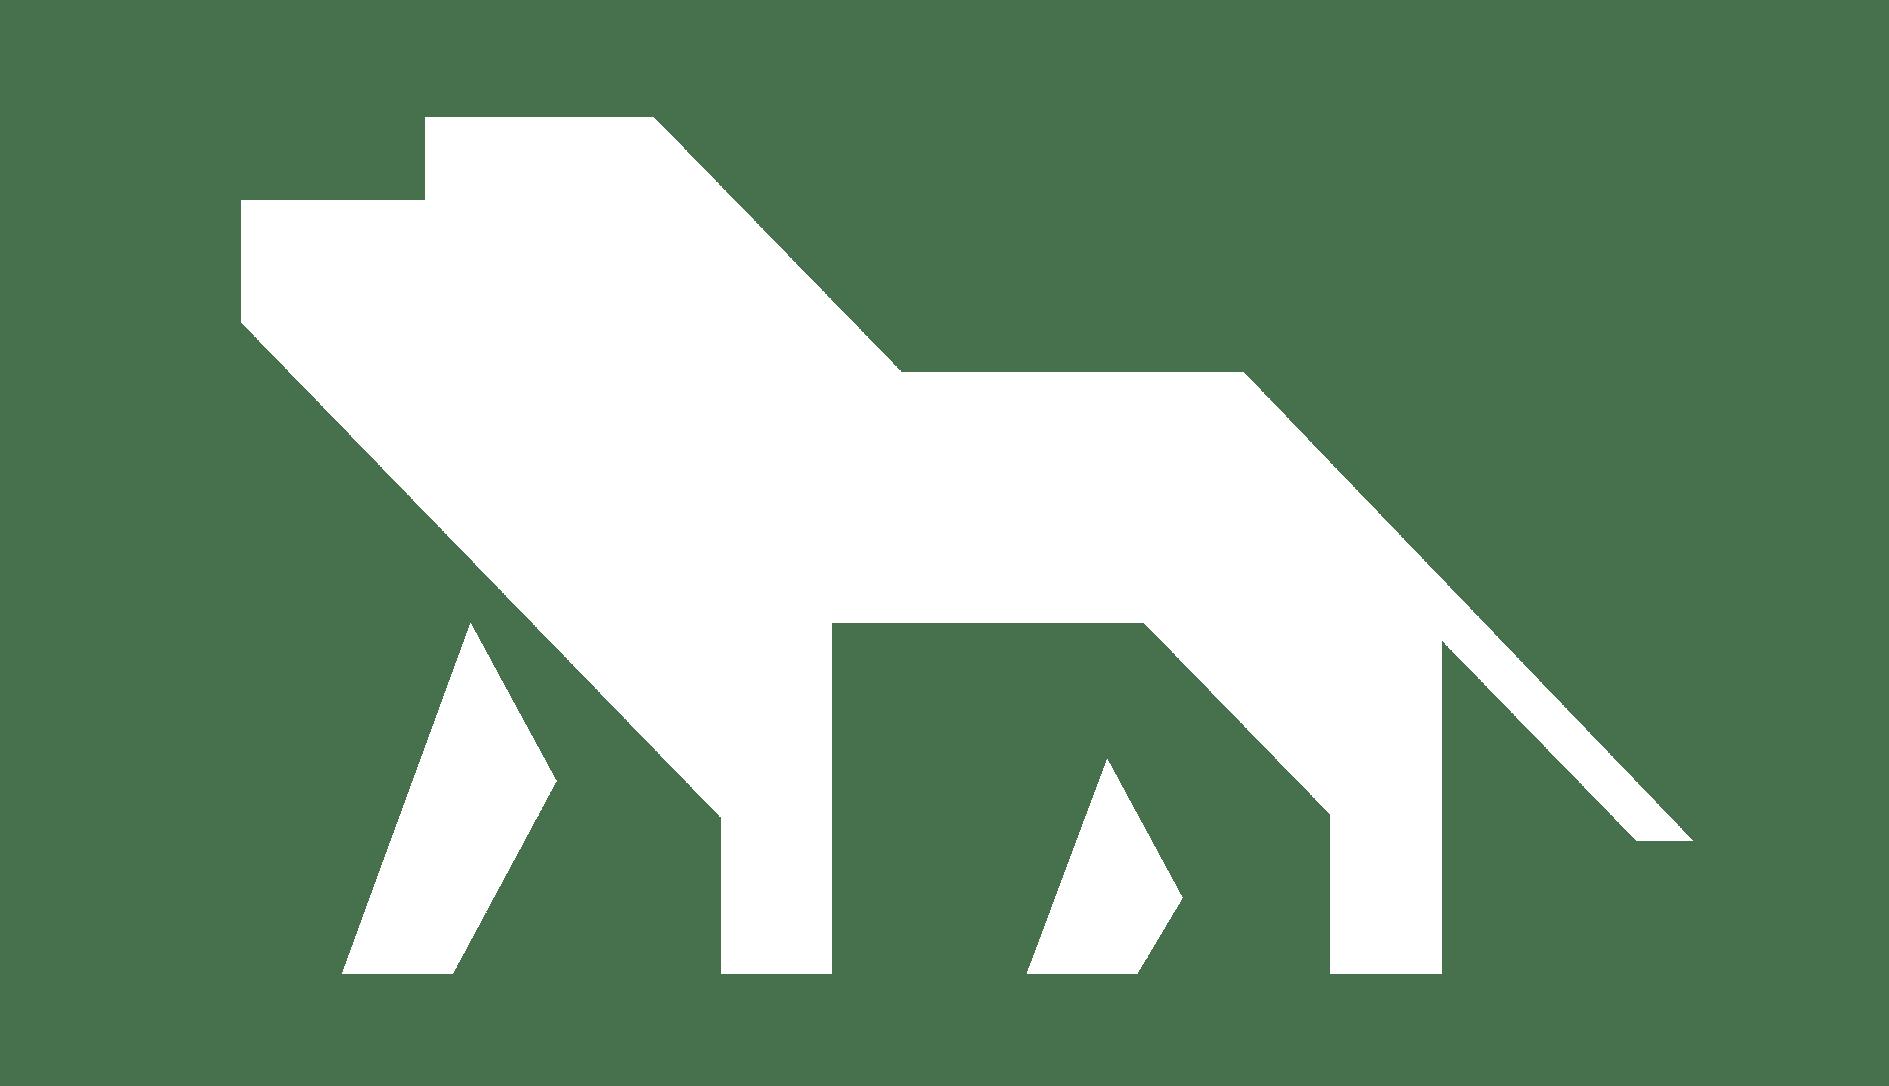 Hvidt Relion logo - white